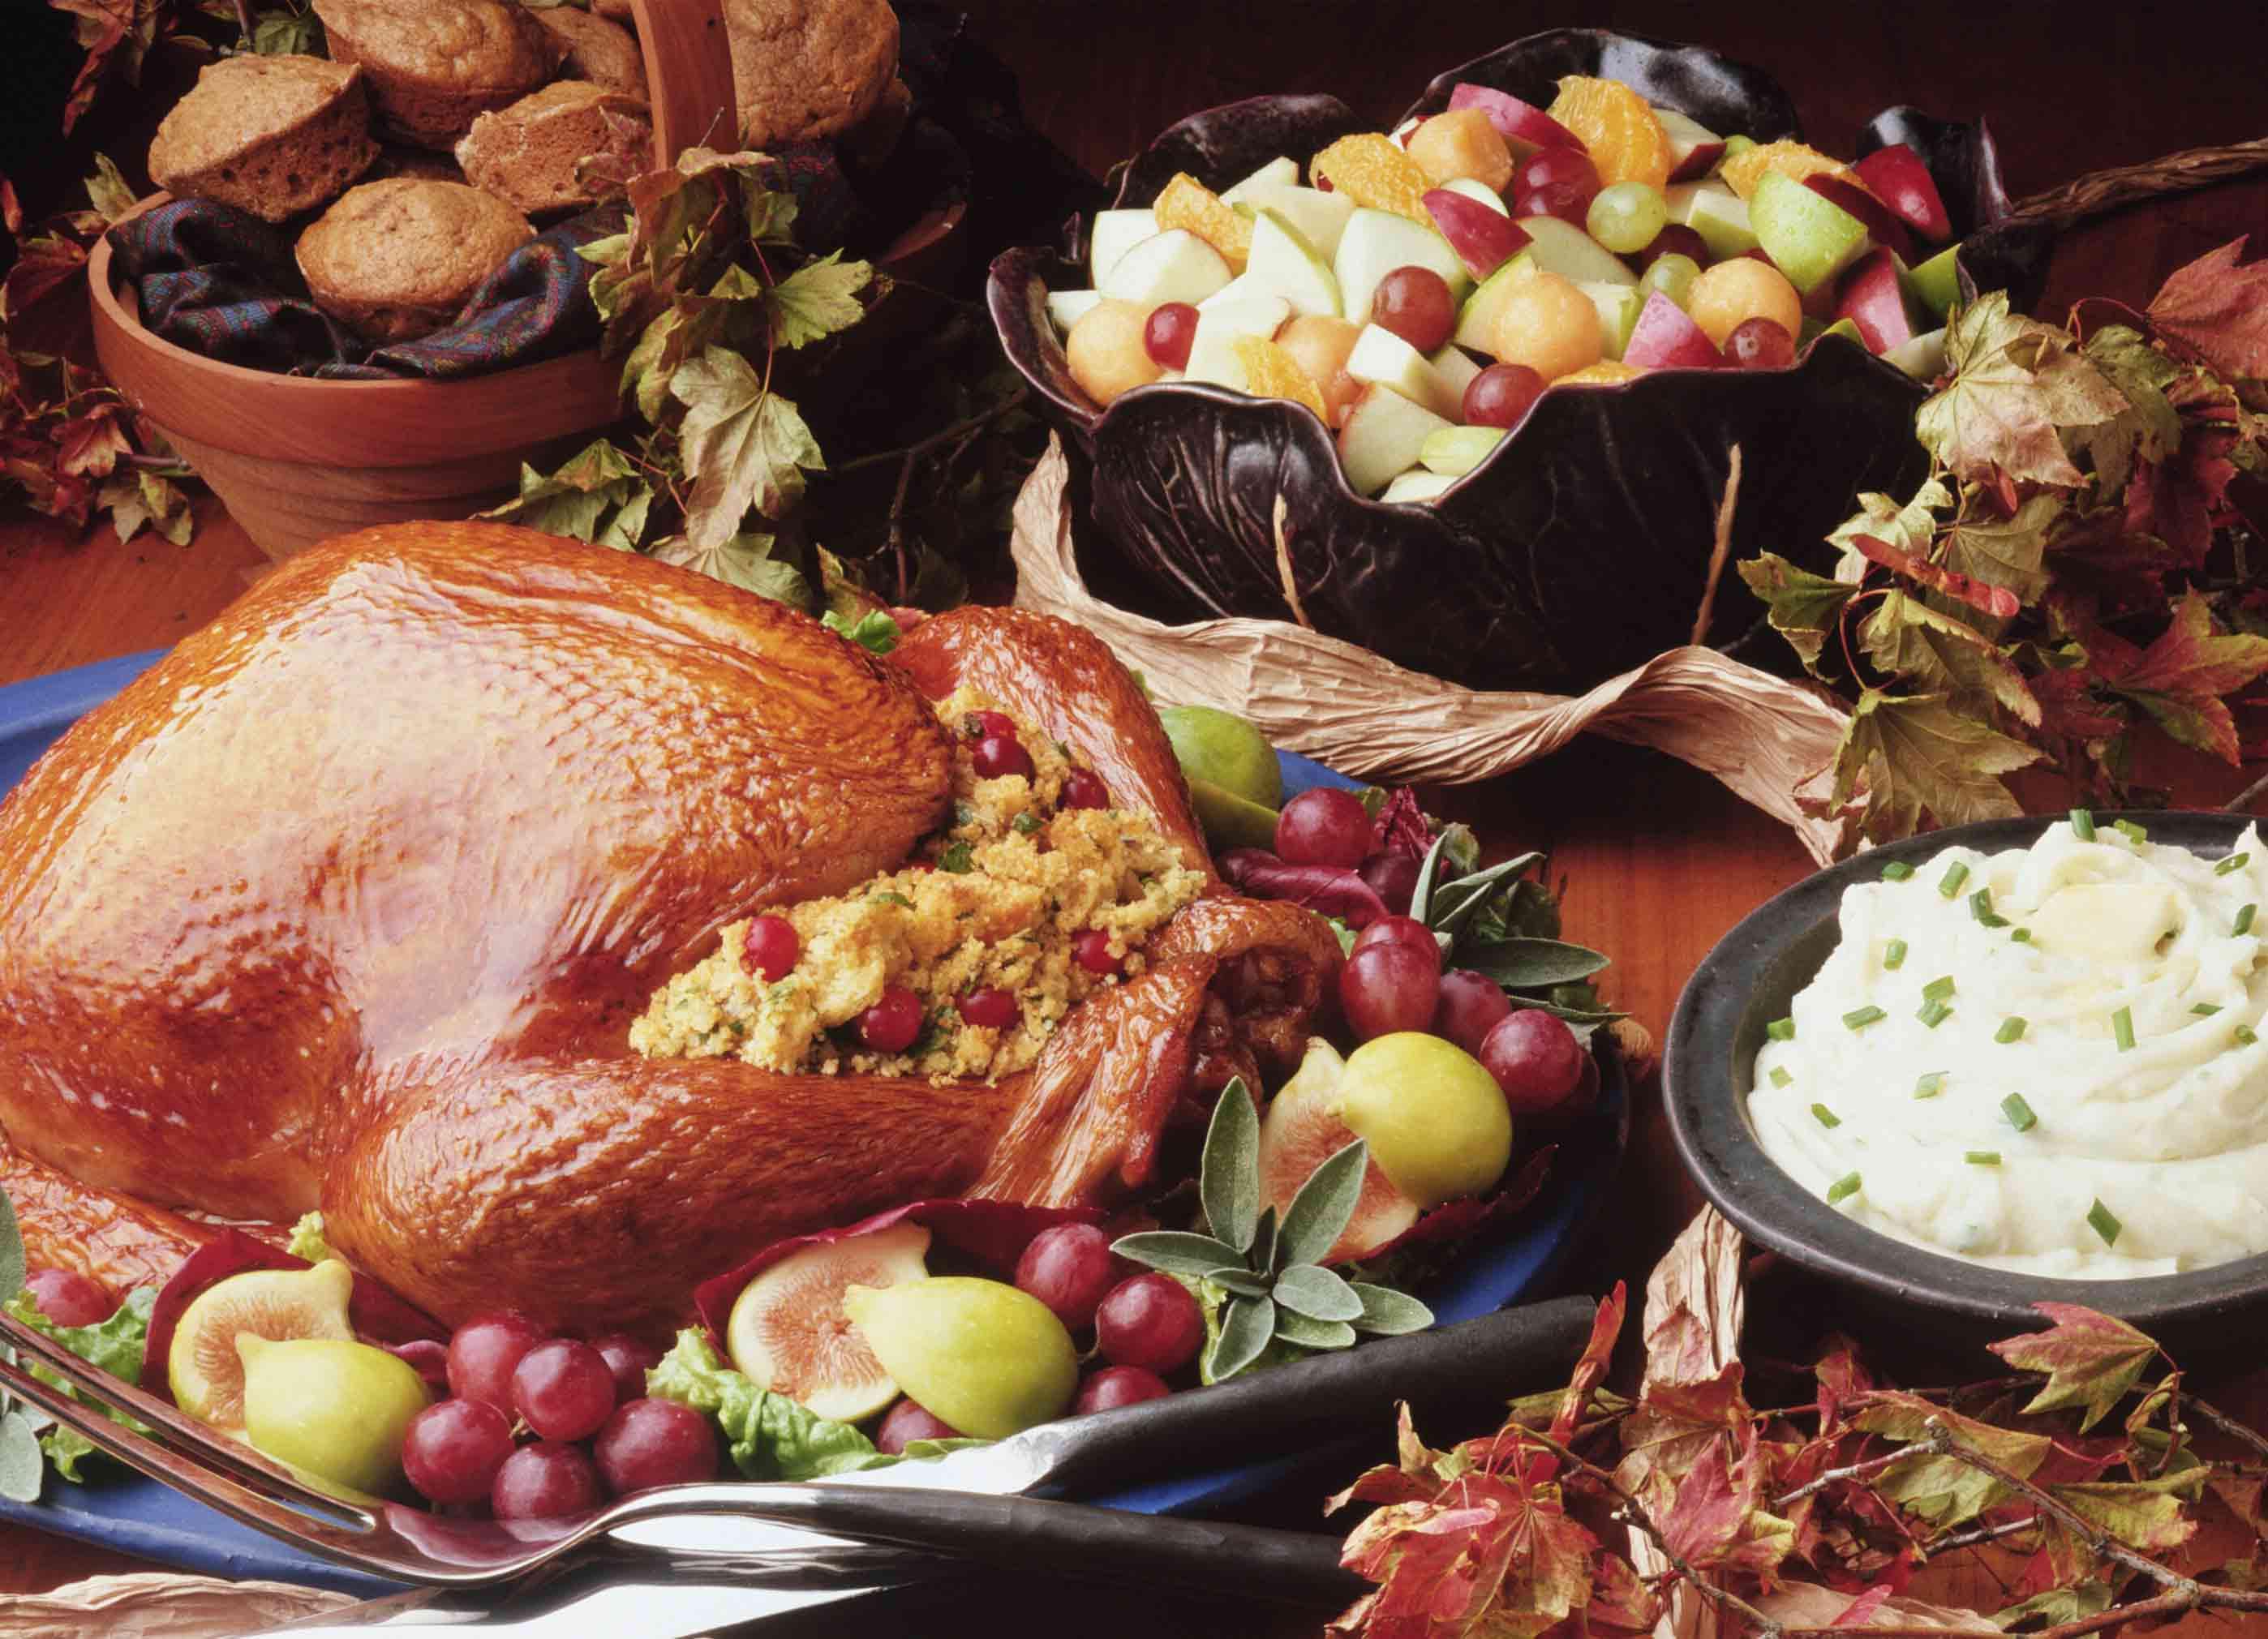 Turkey Thanksgiving Dinner  Northern Michigan Restaurants Serving Thanksgiving Dinner